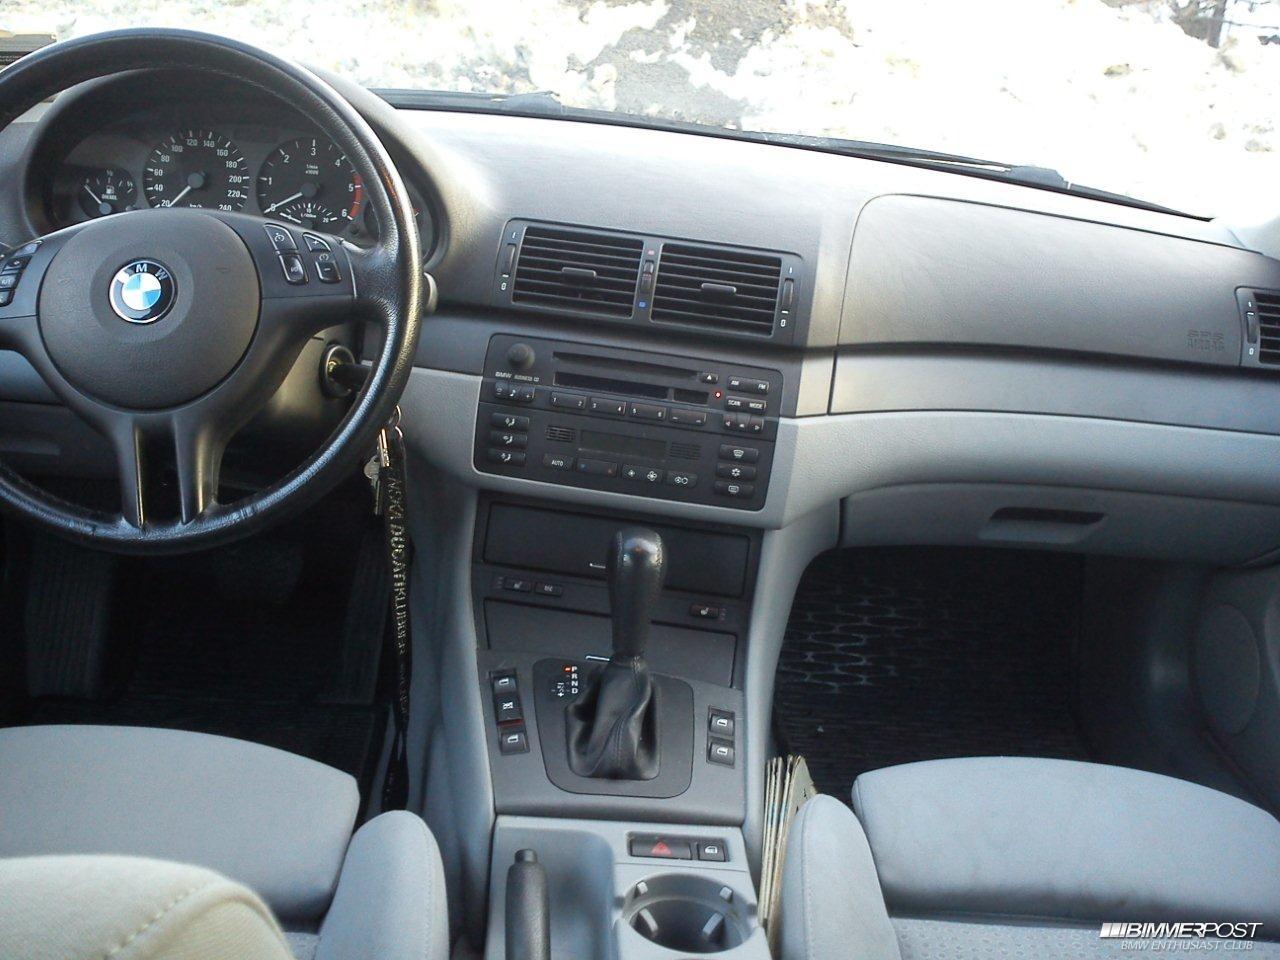 Amullos 2002 BMW 320d BIMMERPOST Garage